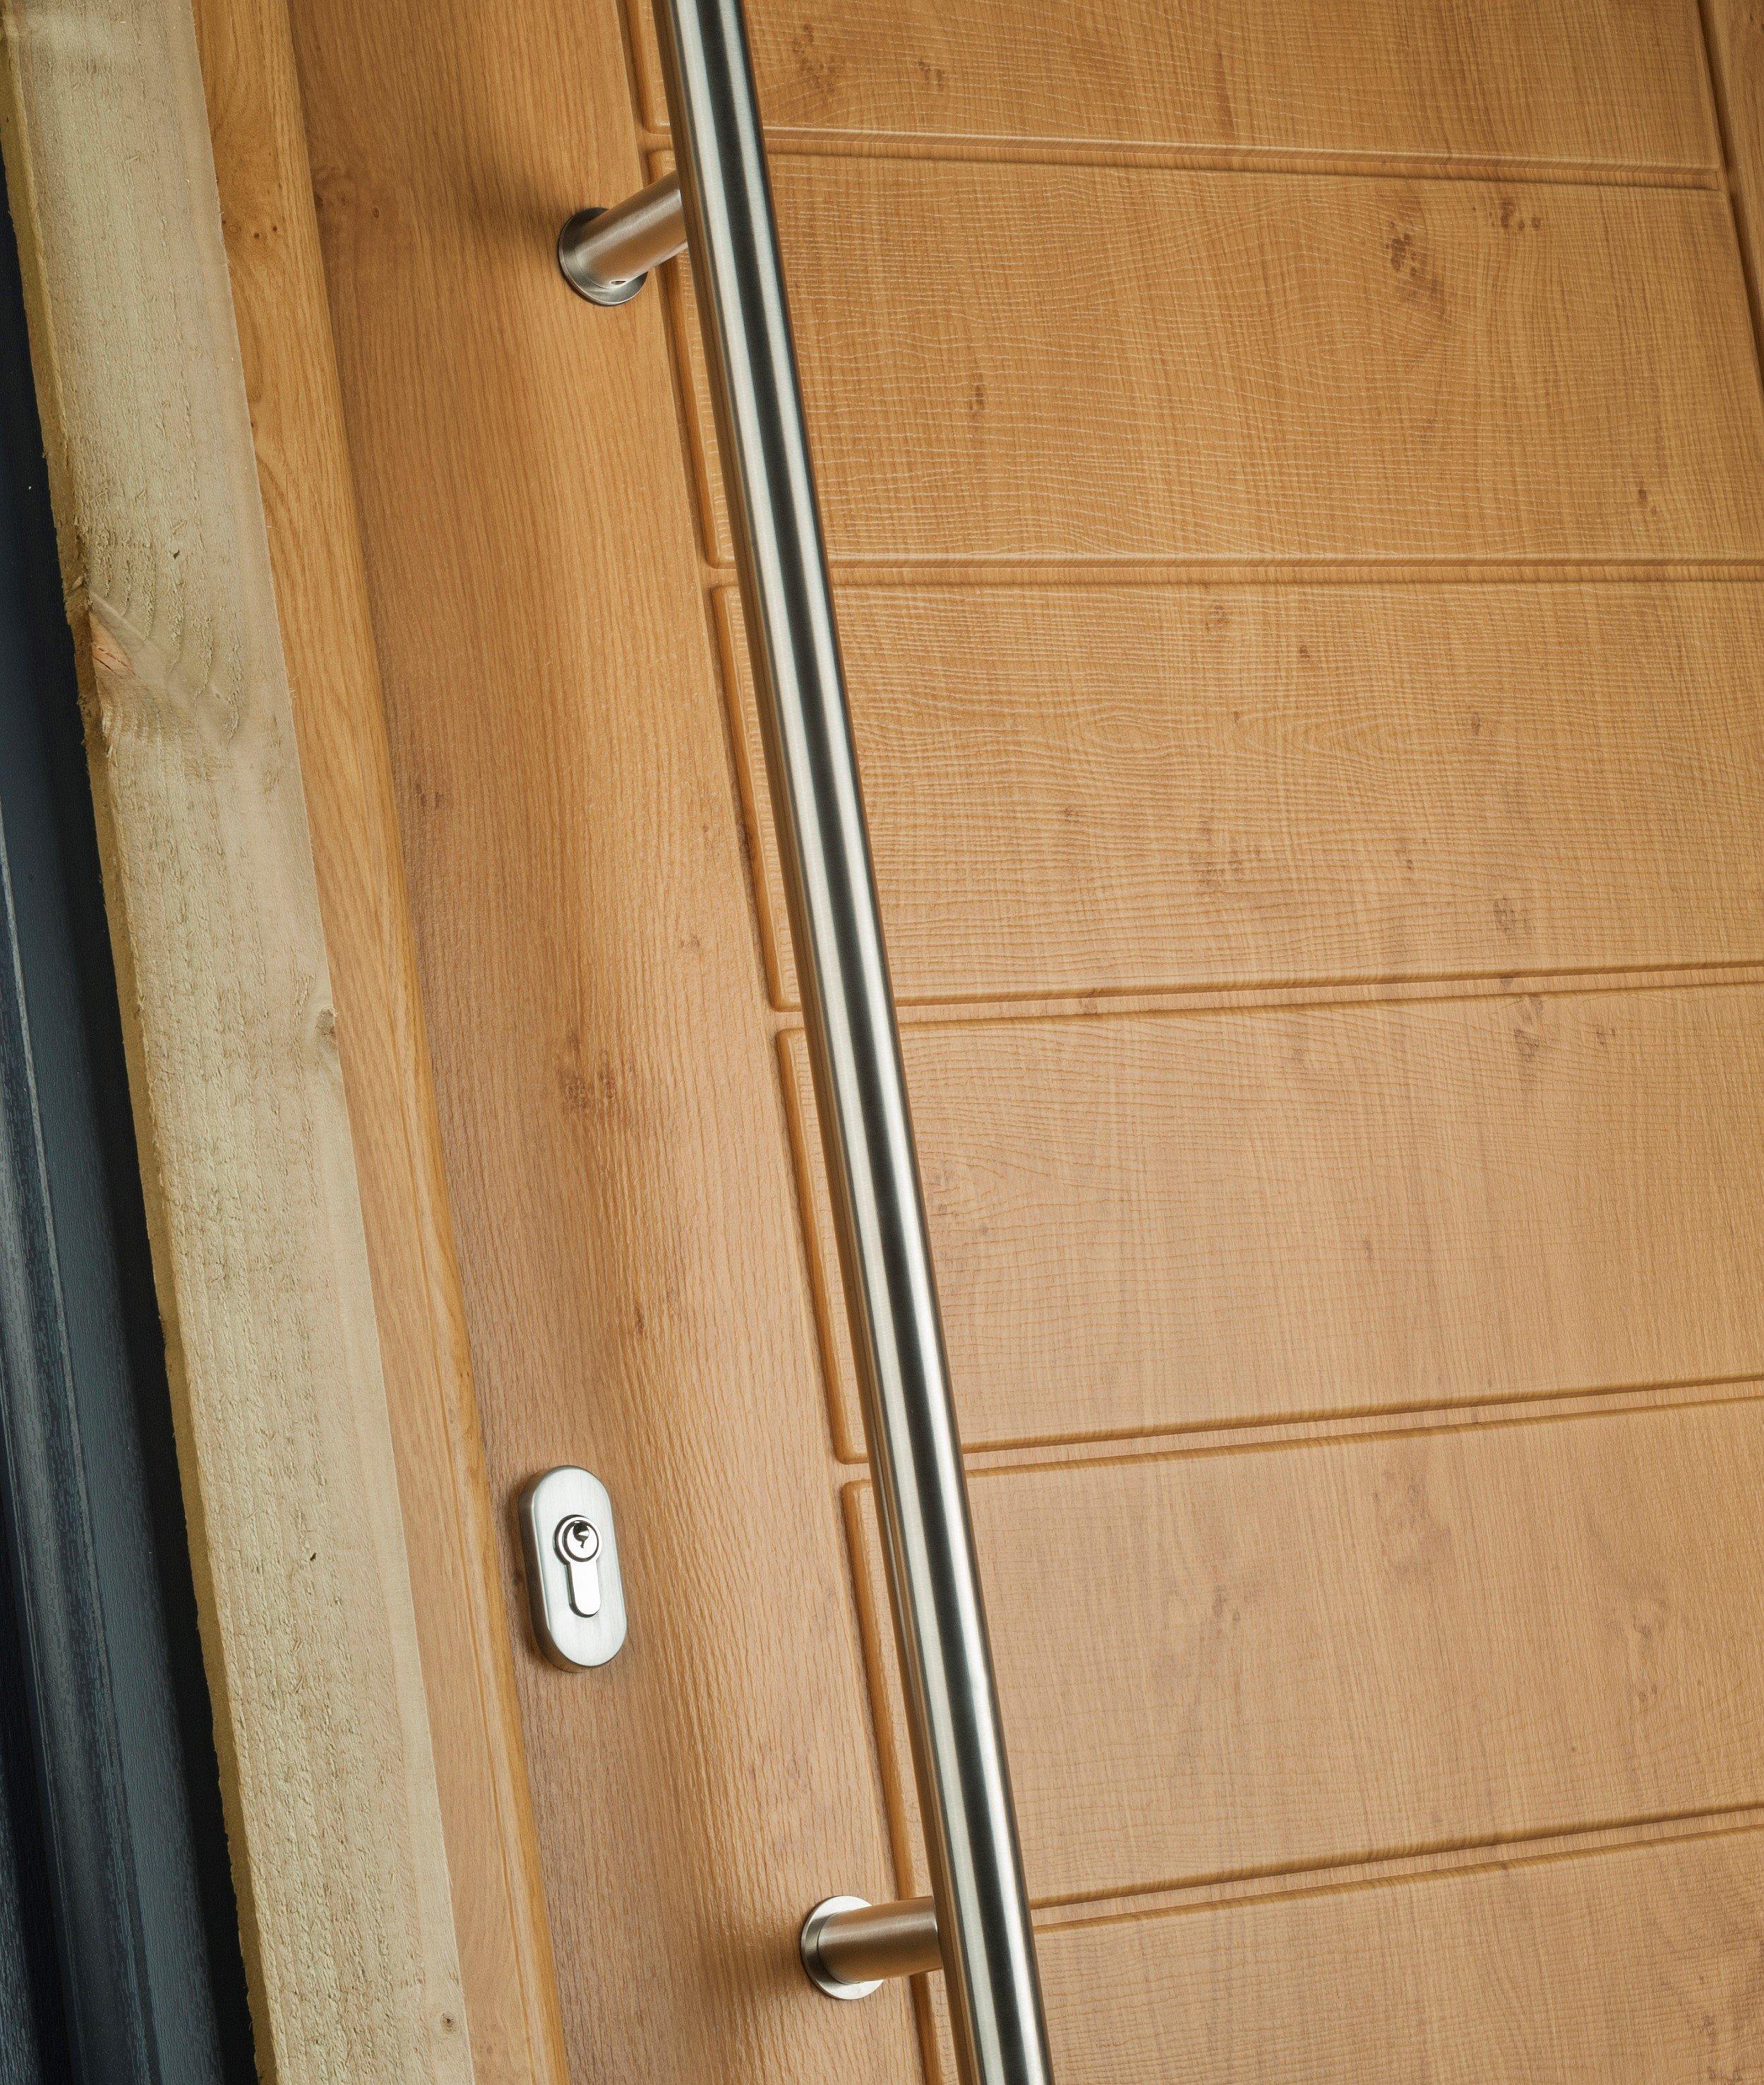 Woodrgrain composite doors Bowalker Doors Hove